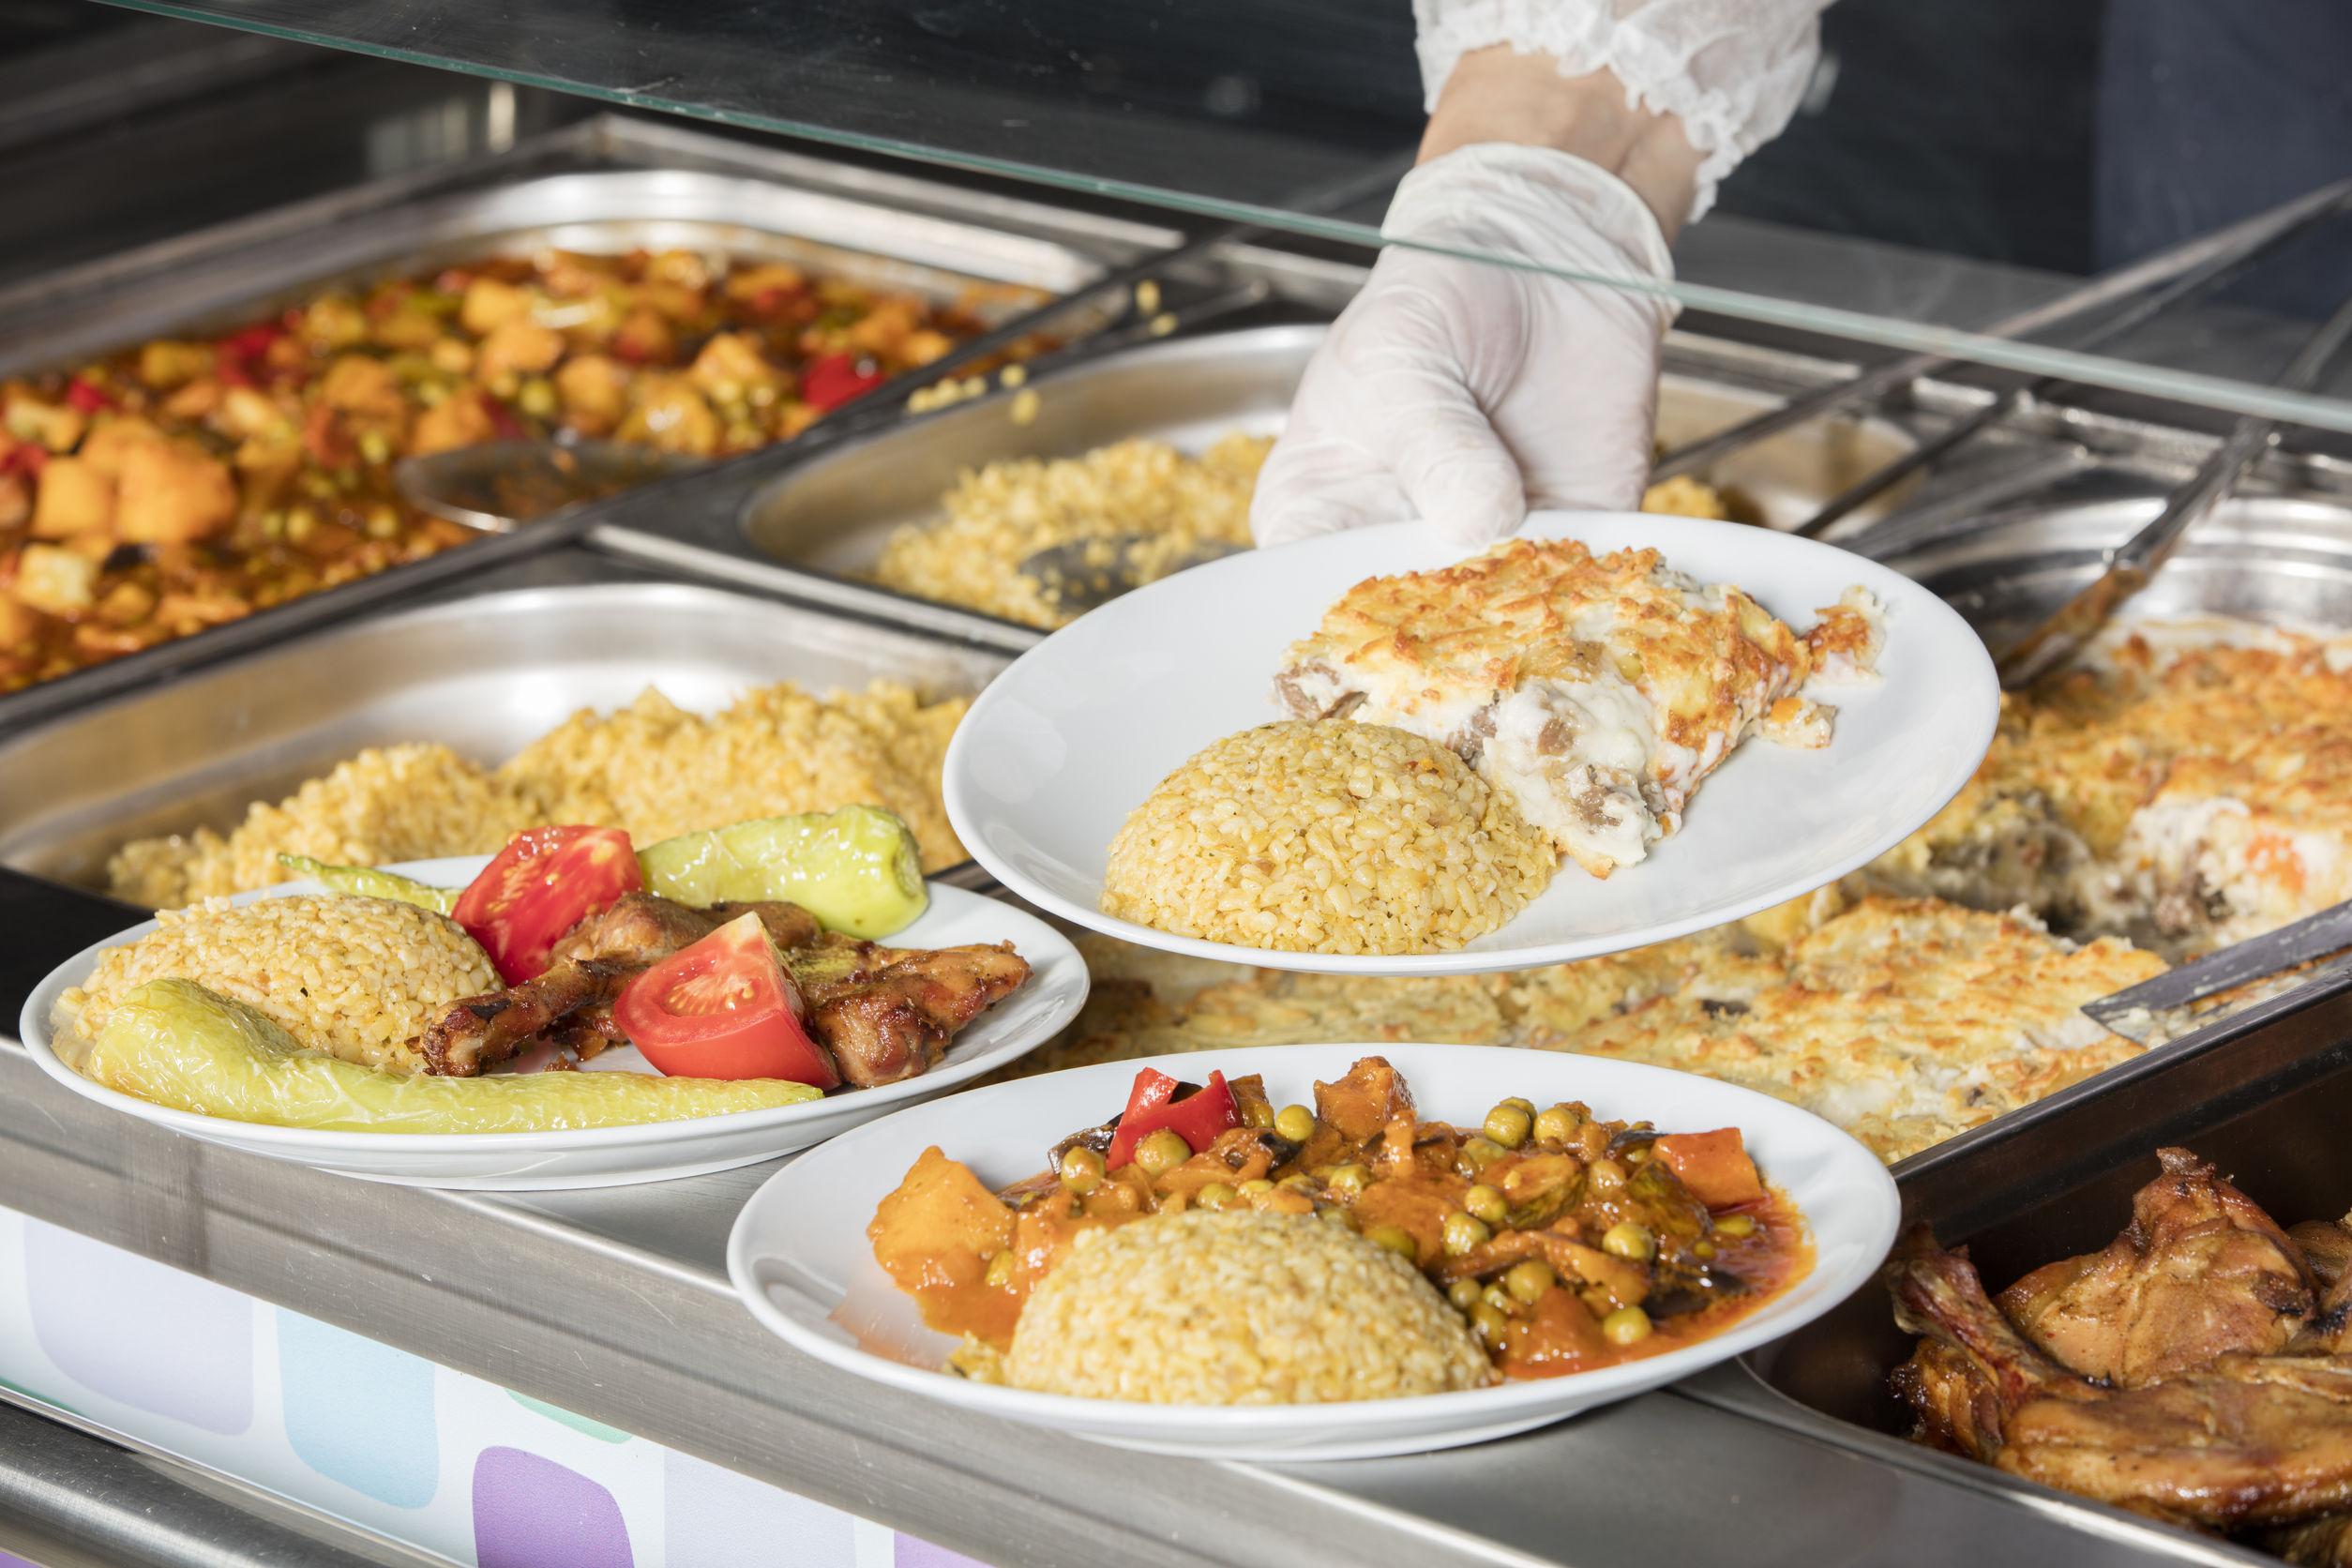 Veřejné stravování, kvalitní potraviny